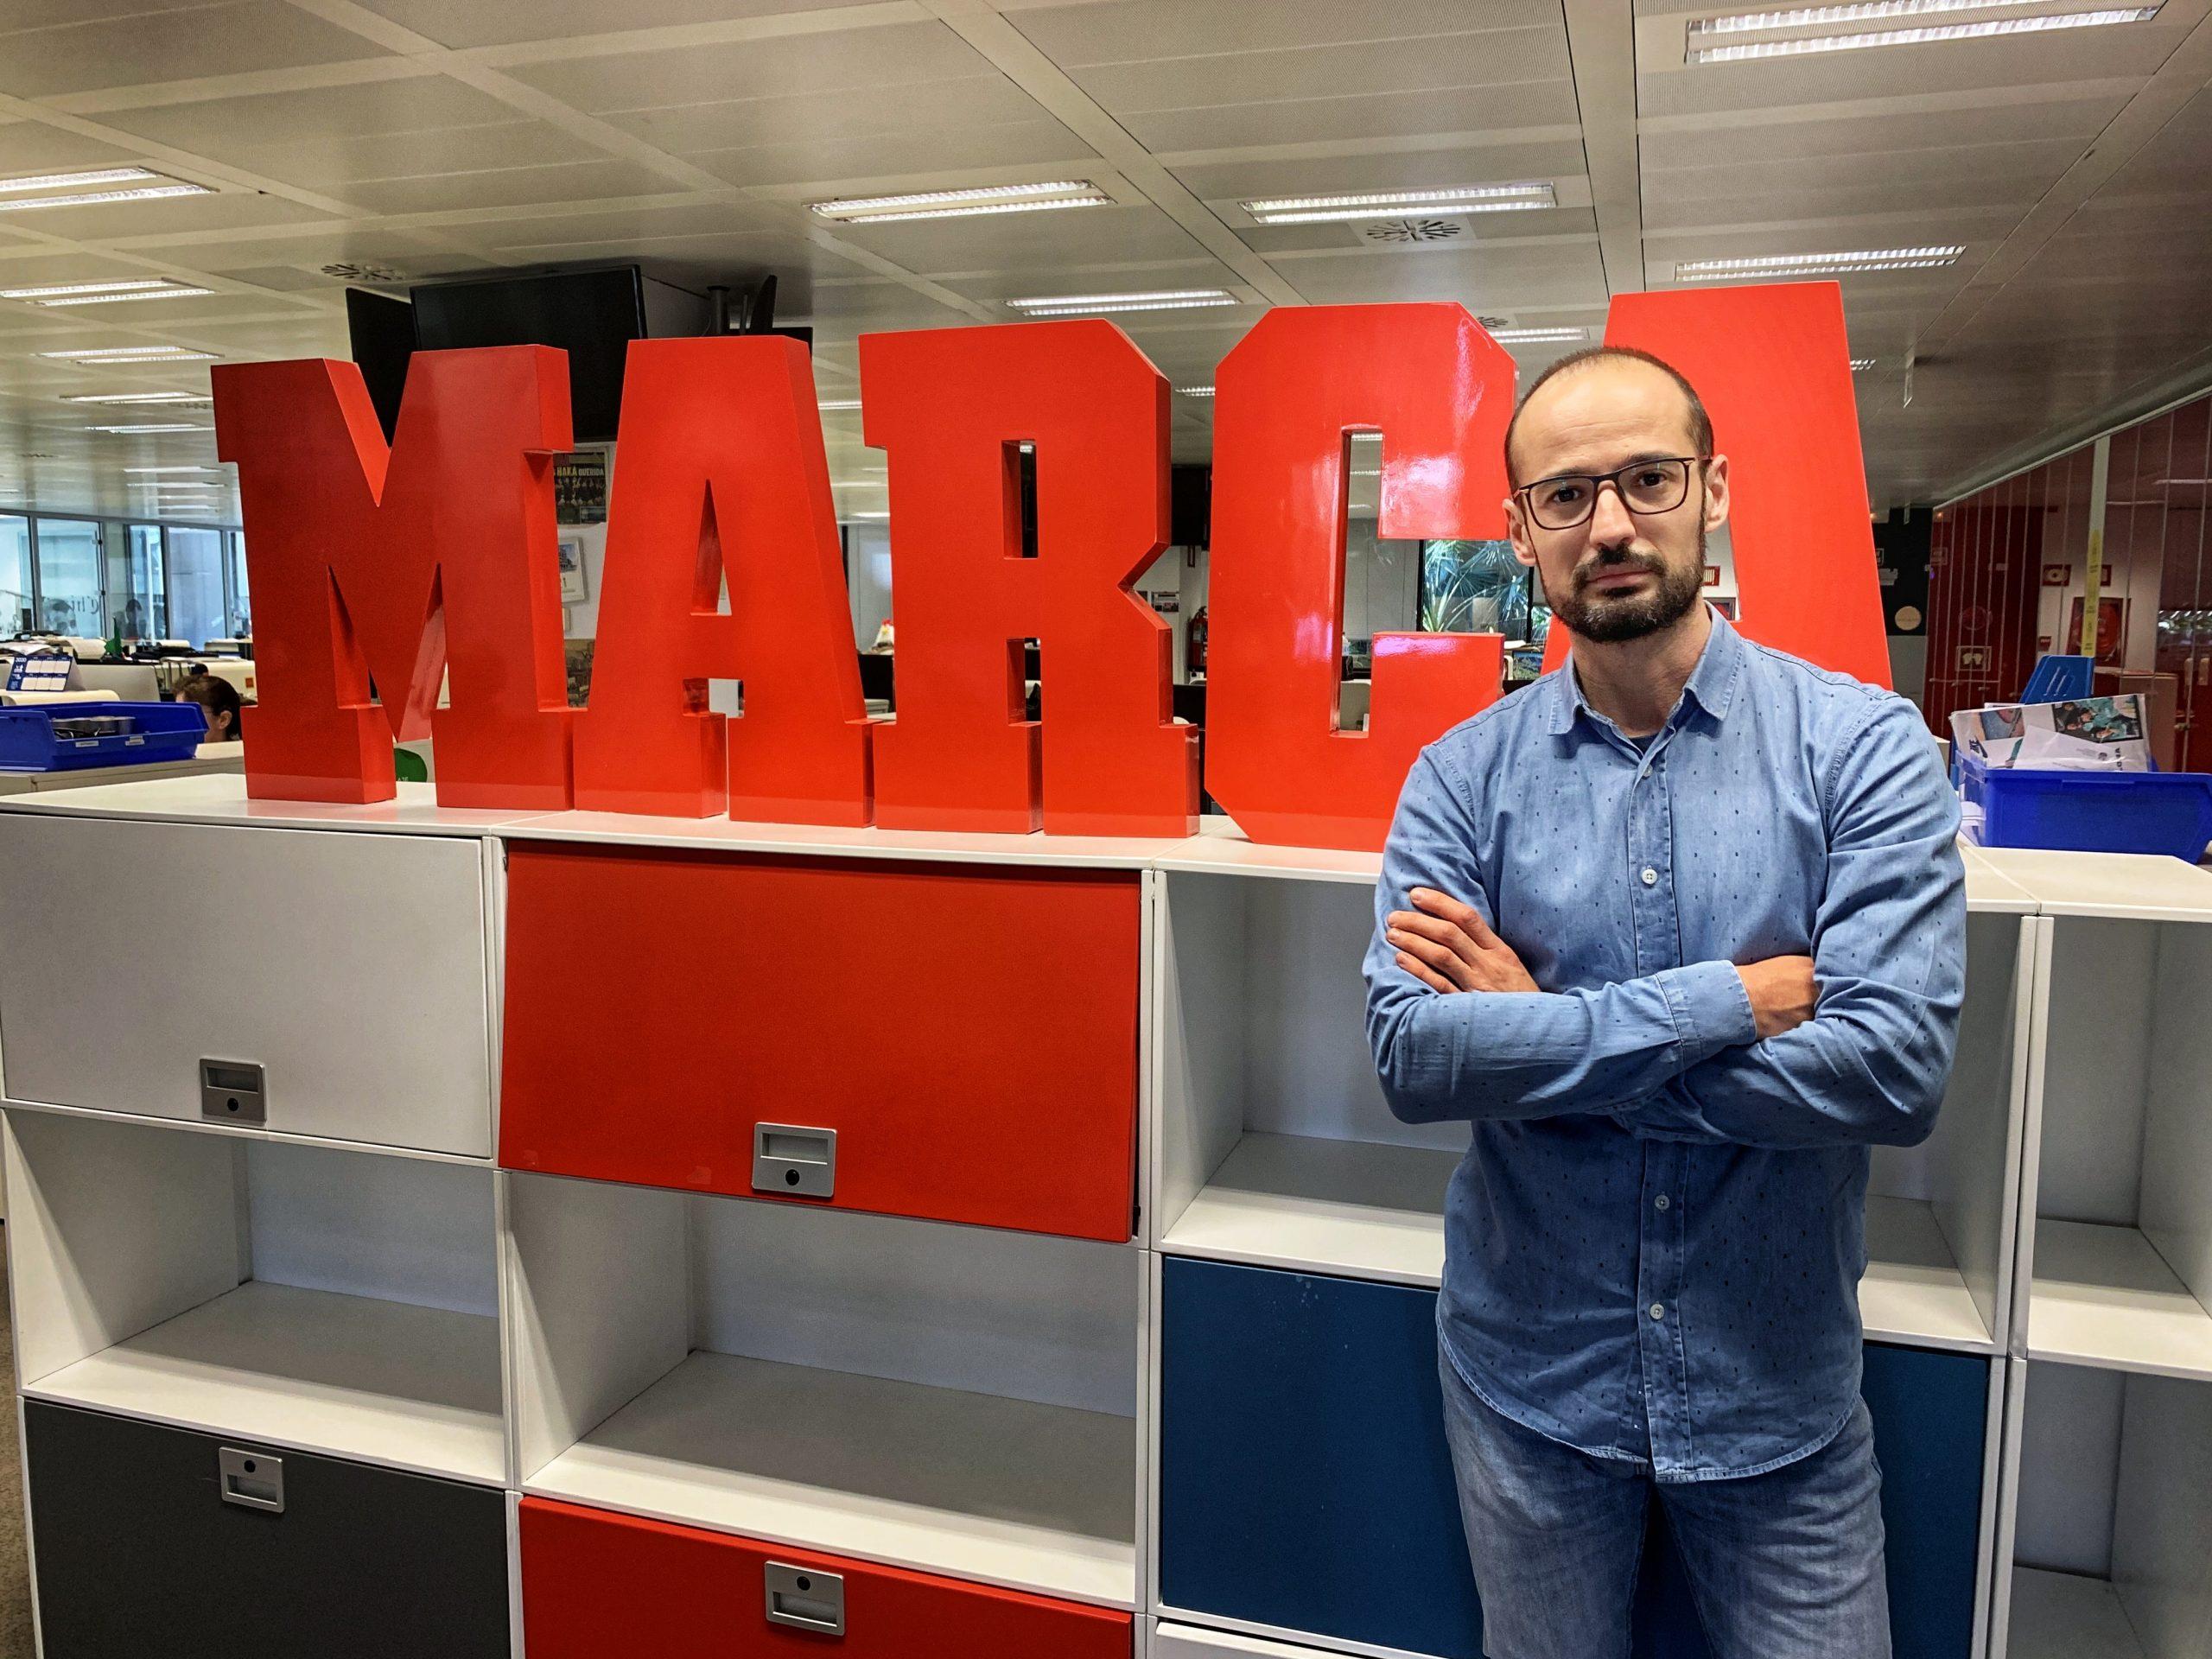 El periodista José Ignacio Pérez gana el III Premio Nacional de Periodismo Deportivo Manuel Alcántara con 'Los Púgiles de Auschwitz'